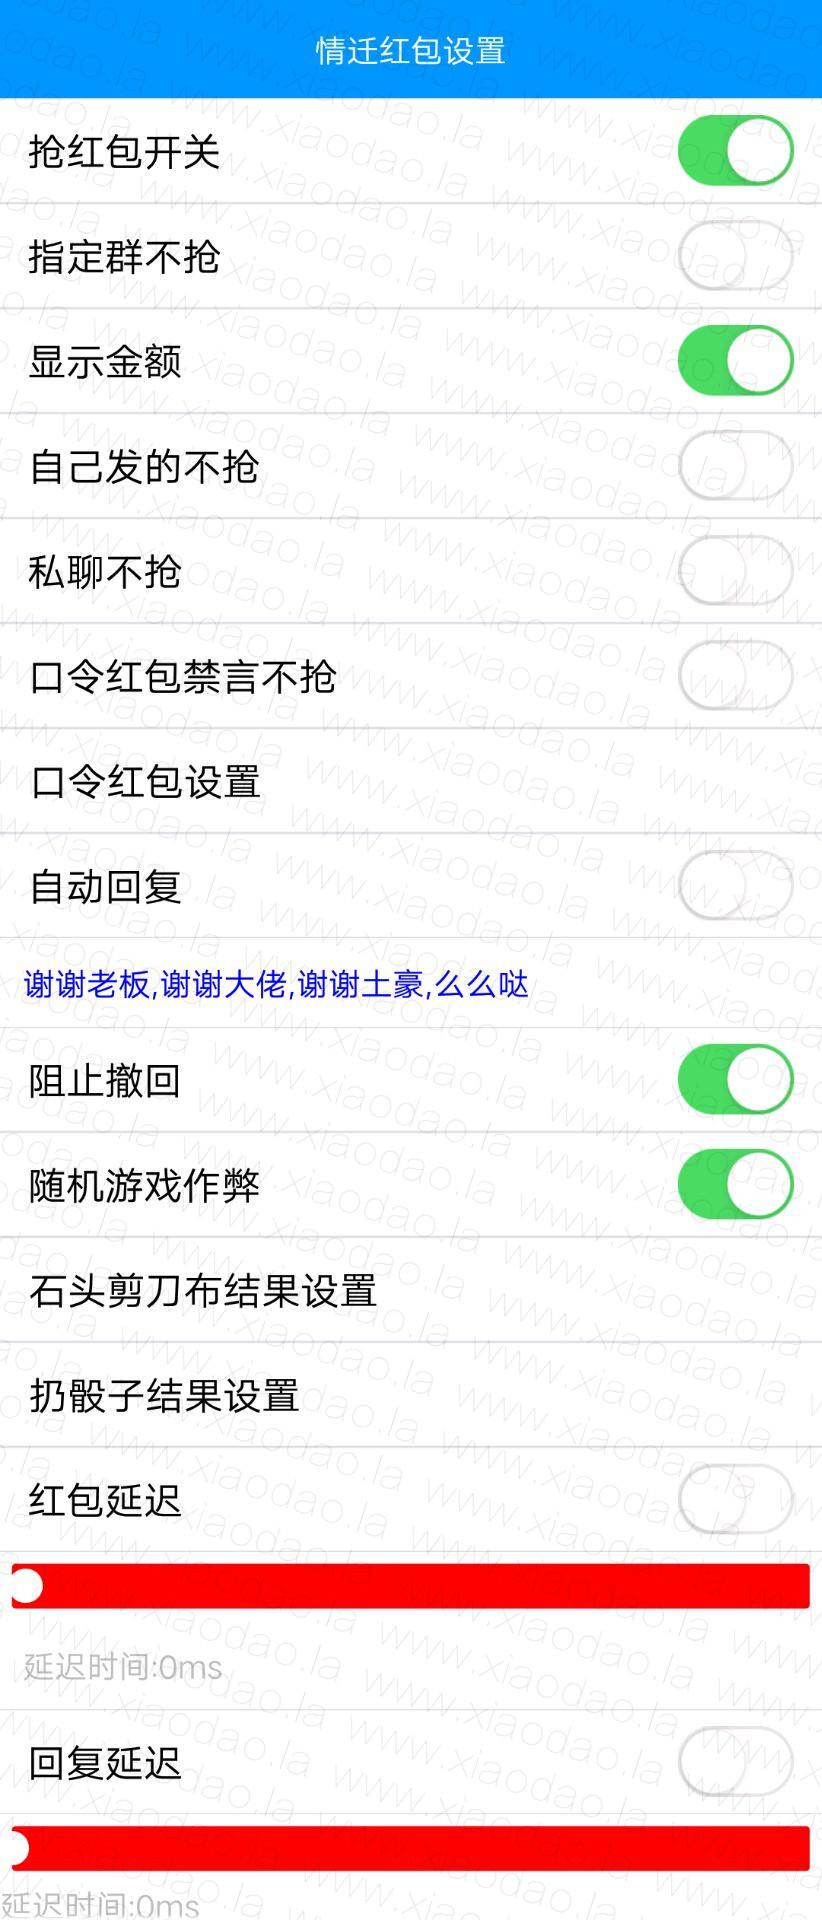 QQ6.6.9内置自动抢红包版本更新了